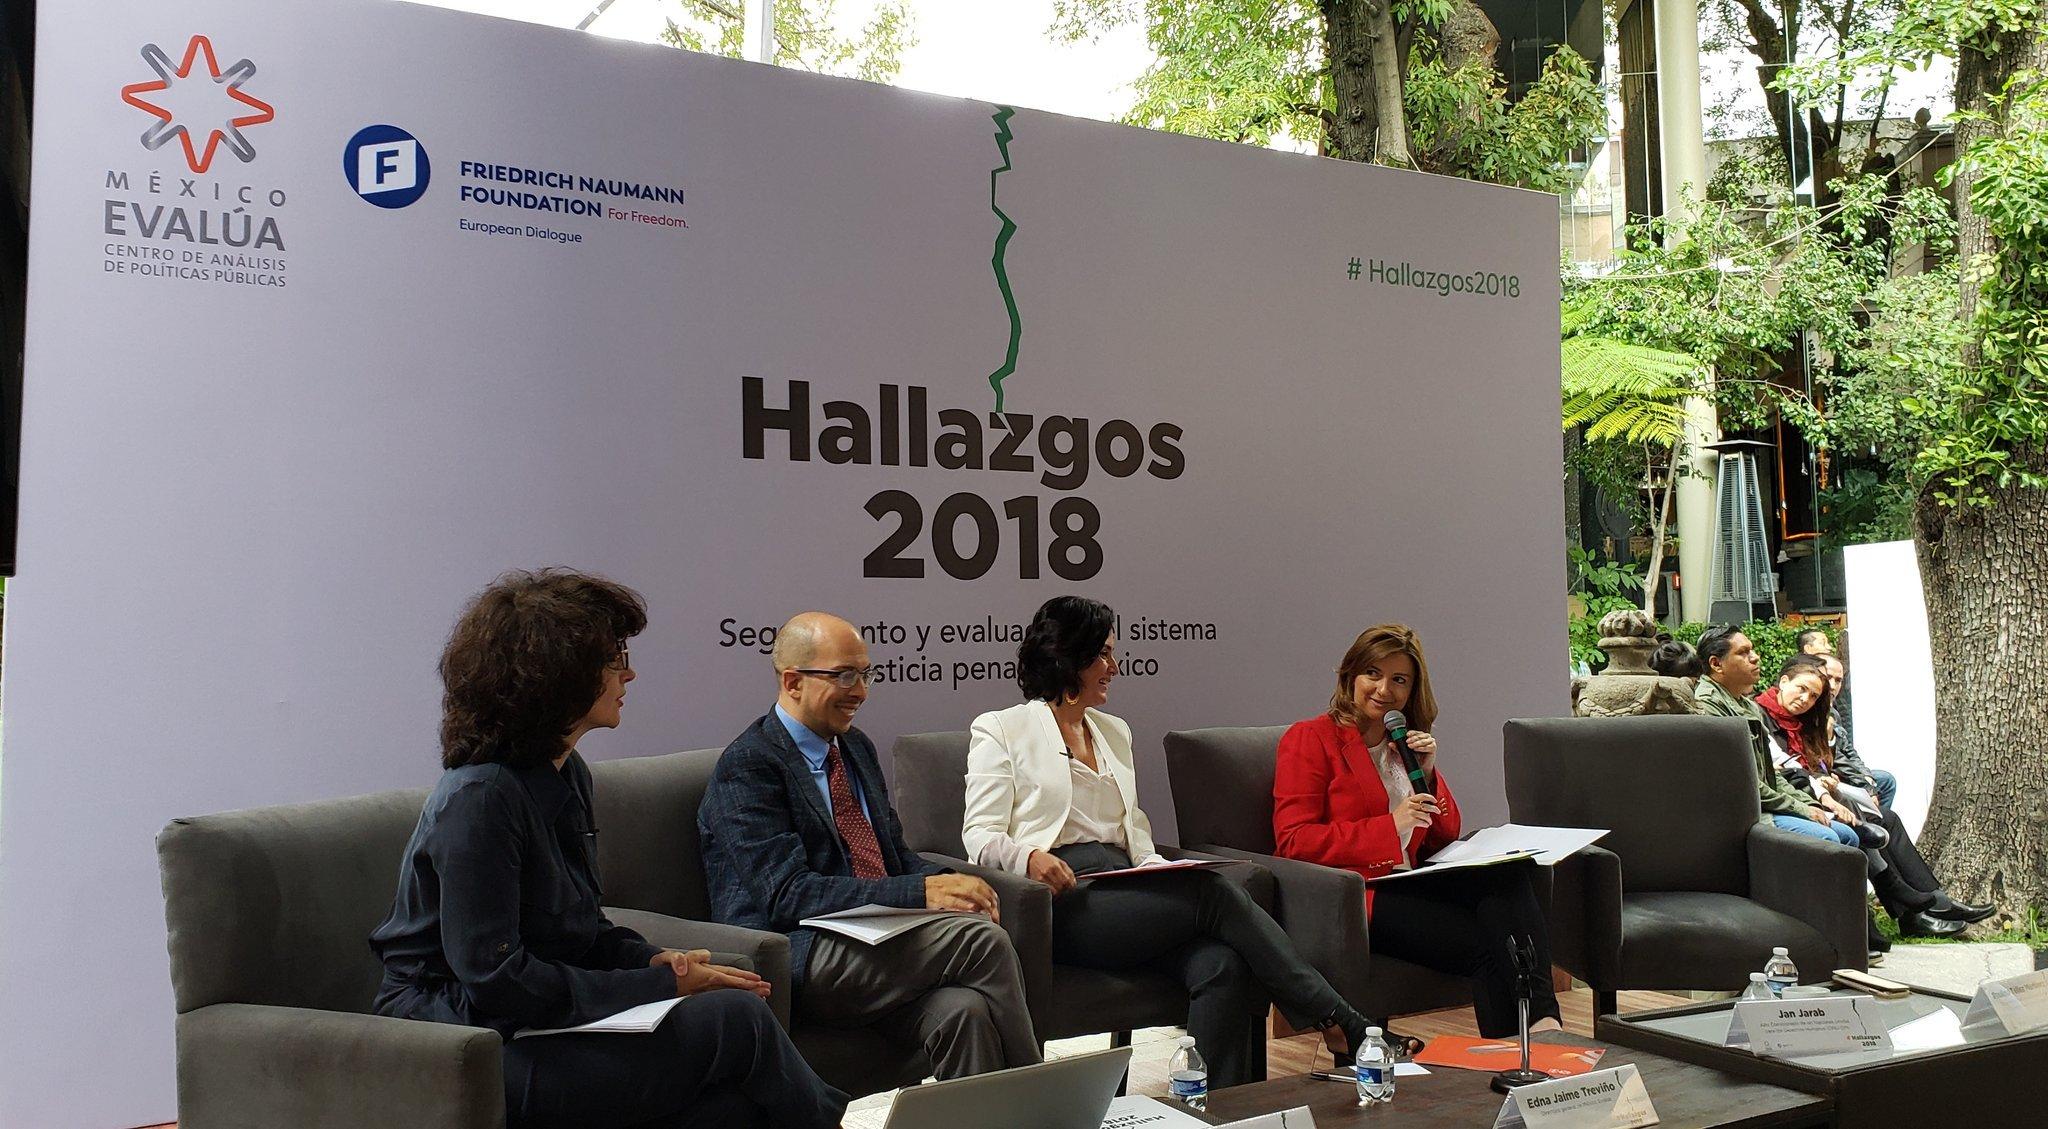 BAJO LA LUPA | La contrarreforma penal agravaría la corrupción en el sistema de justicia, por México Evalúa